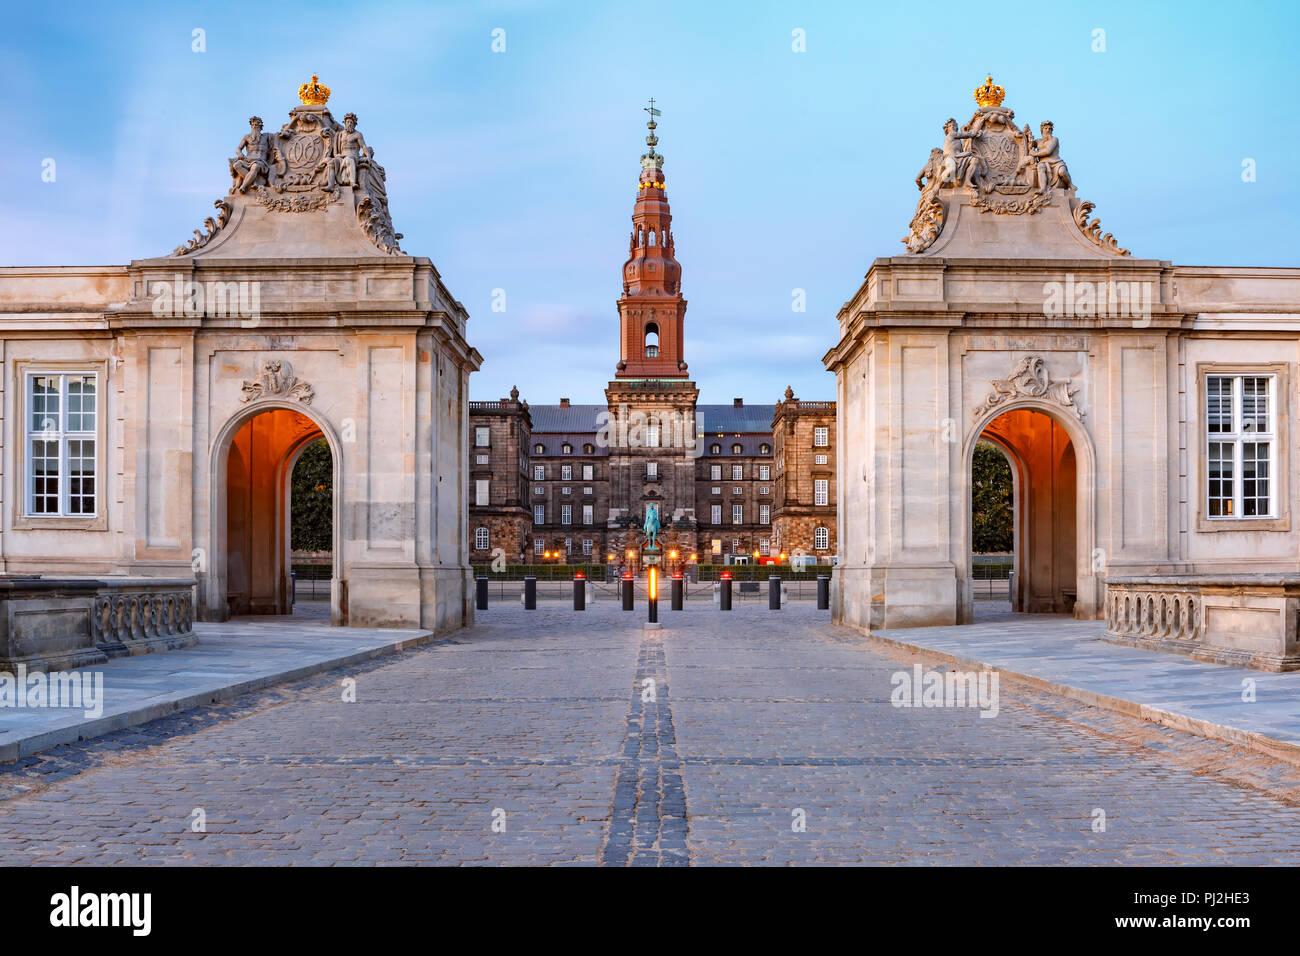 Palais de Christiansborg à Copenhague, Danemark Banque D'Images